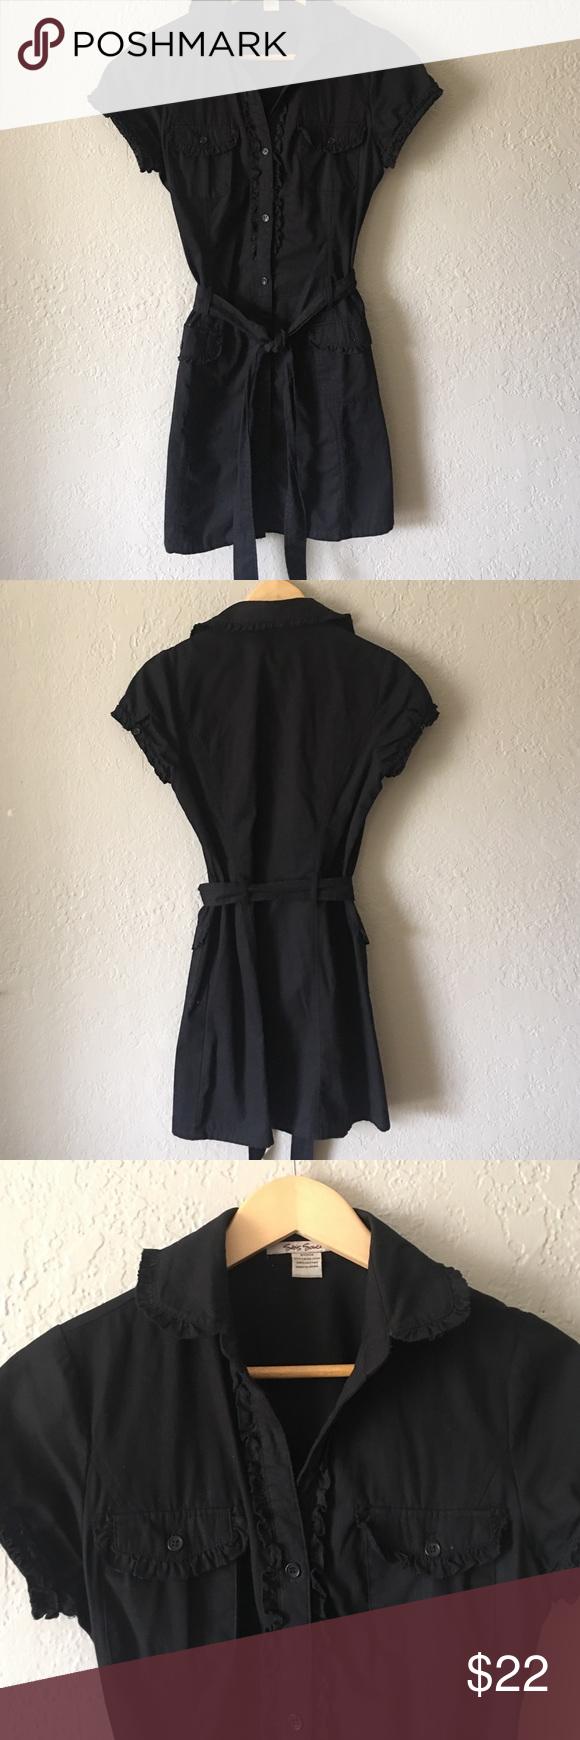 Sans Souci dress Black twill shirt dress with ruffle trim. Good condition Sans Souci Dresses Midi